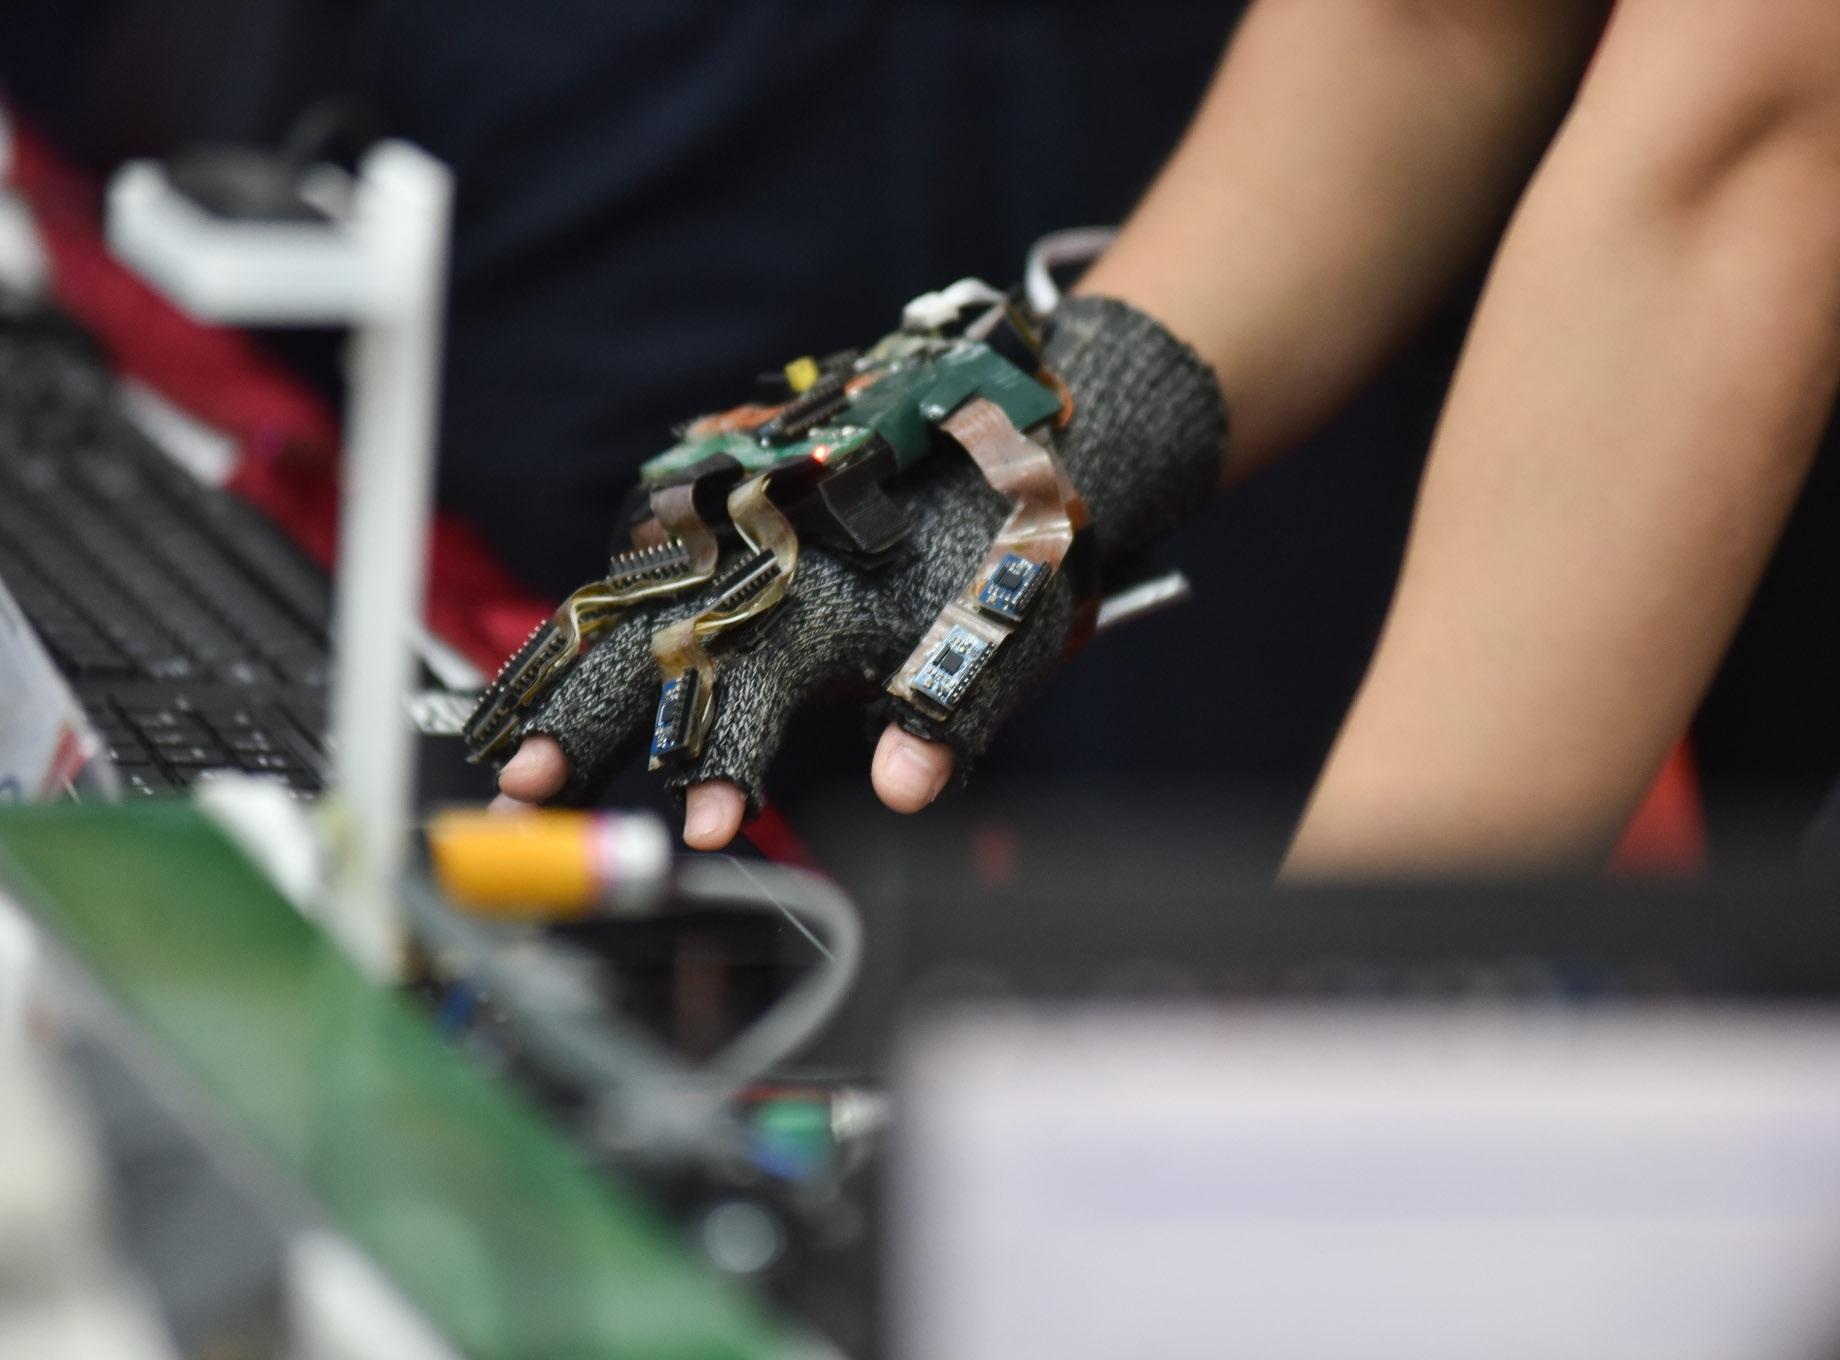 Trưng bày găng tay thực tế ảo ứng dụng trong điều khiển và ngôn ngữ ký hiệu tại Hội nghị Tổng kết hoạt động sinh viên nghiên cứu khoa học ngày 31/5/2019 của trường ĐH Bách Khoa Hà Nội. Ảnh: HUST CCPR